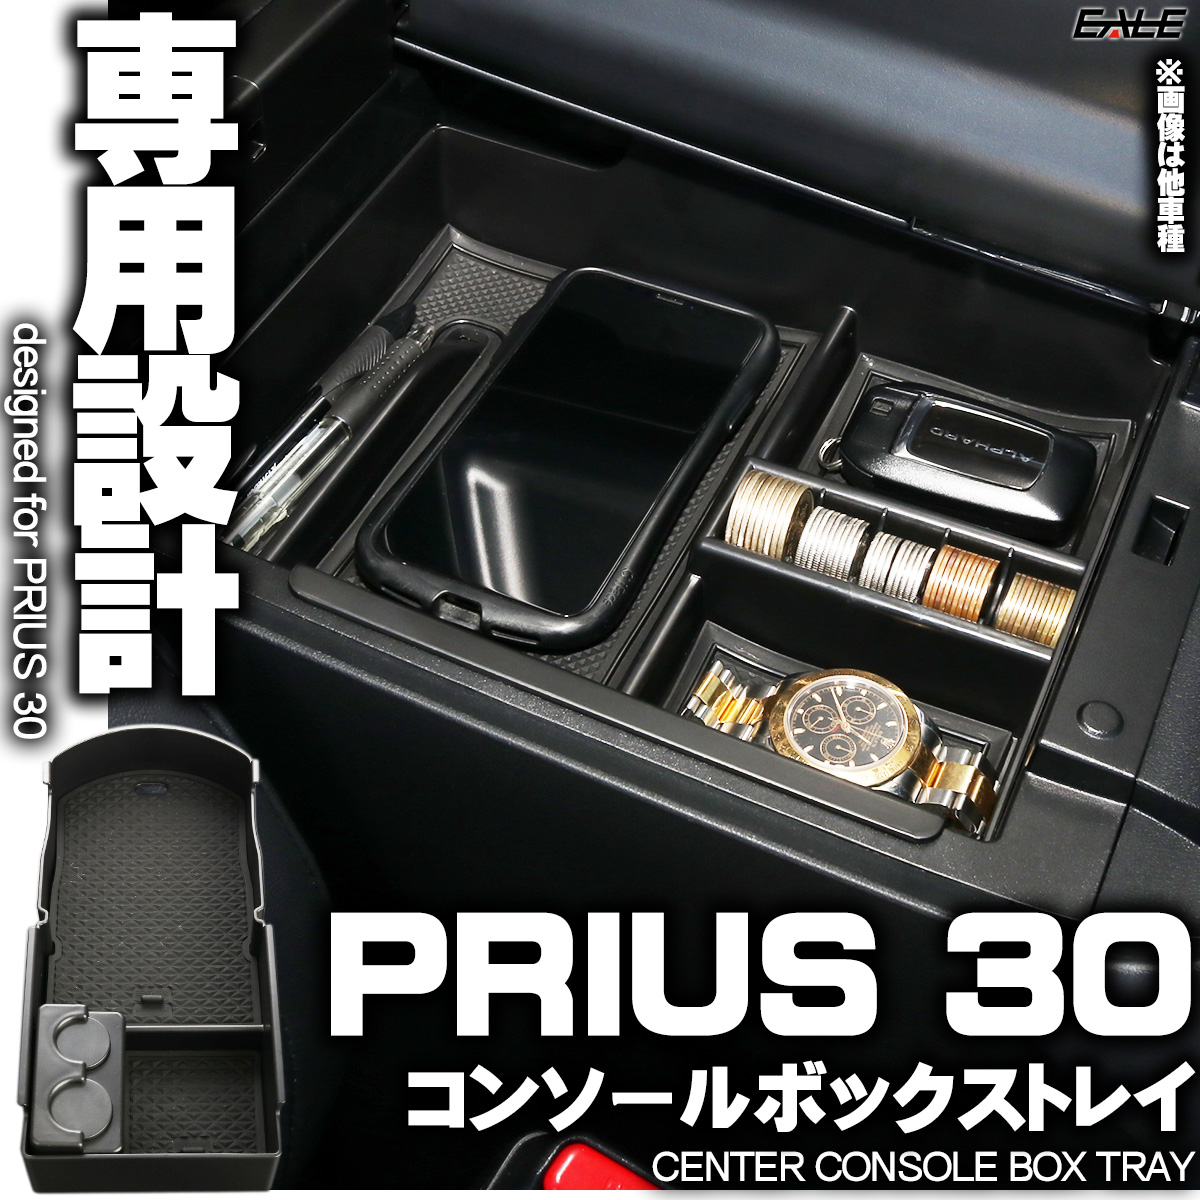 センター コンソール ボックス トレイ PRIUS プリウス 30系 後期 ZVW30 専用設計 S-851